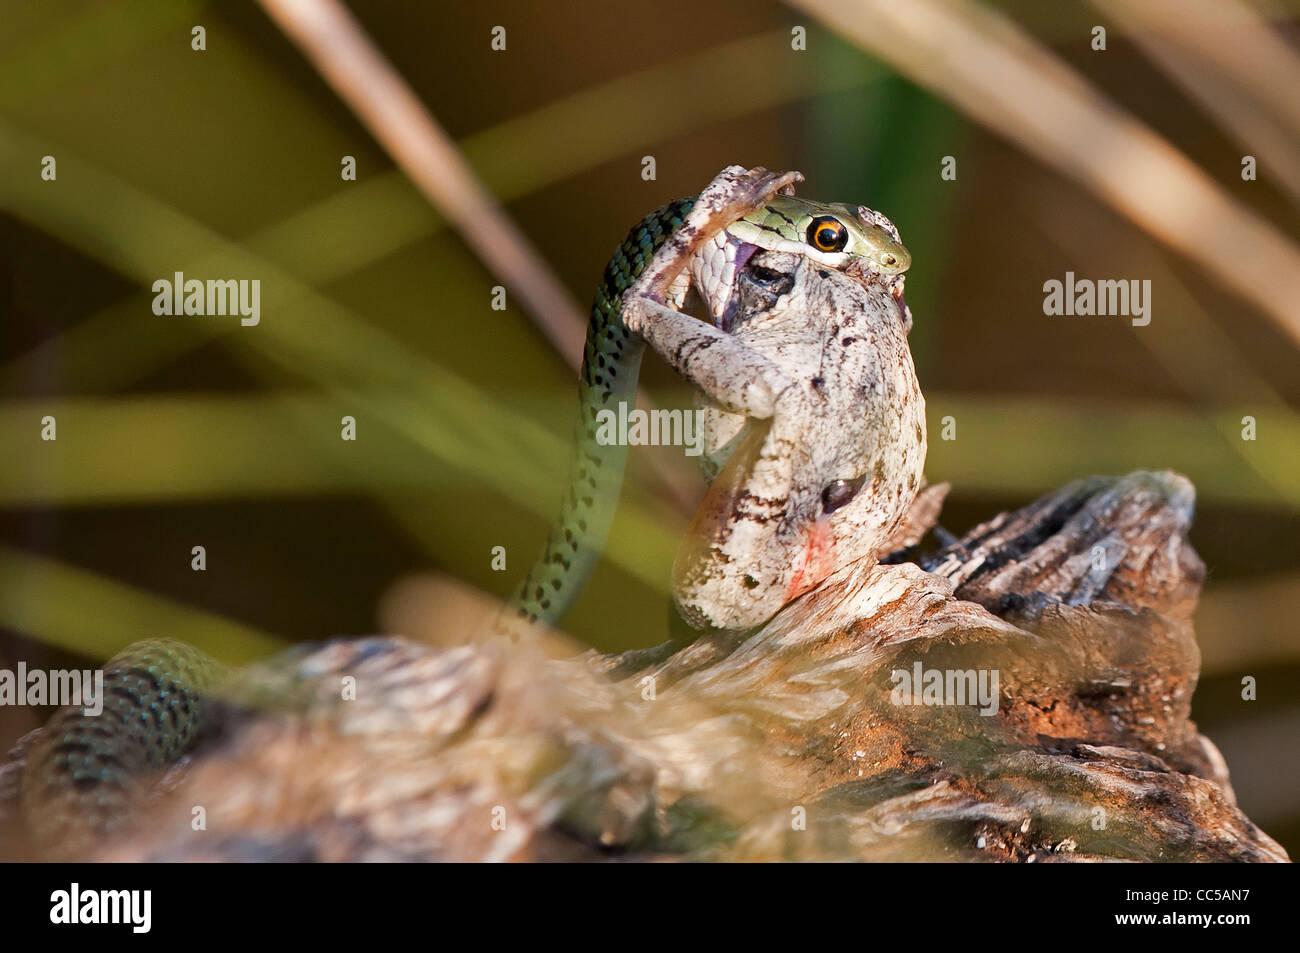 A Spotted Bush snake killing a frog Stock Photo